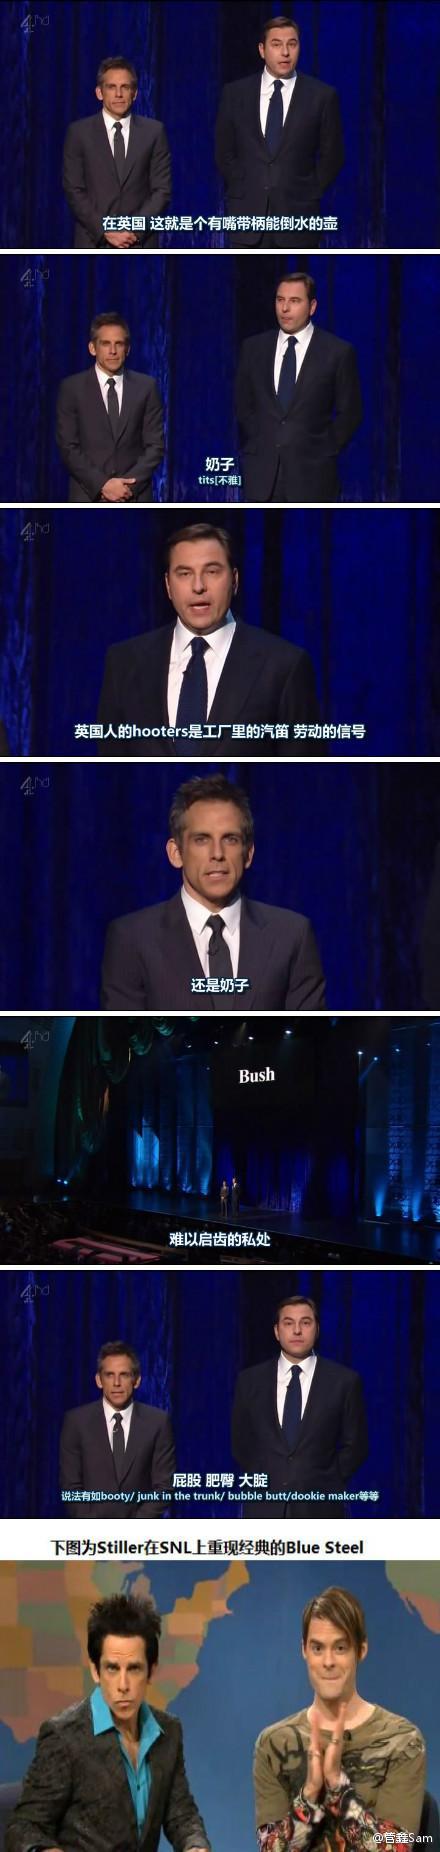 英国达人秀评委David Williams和美国喜剧男星Ben Stiller对口相声